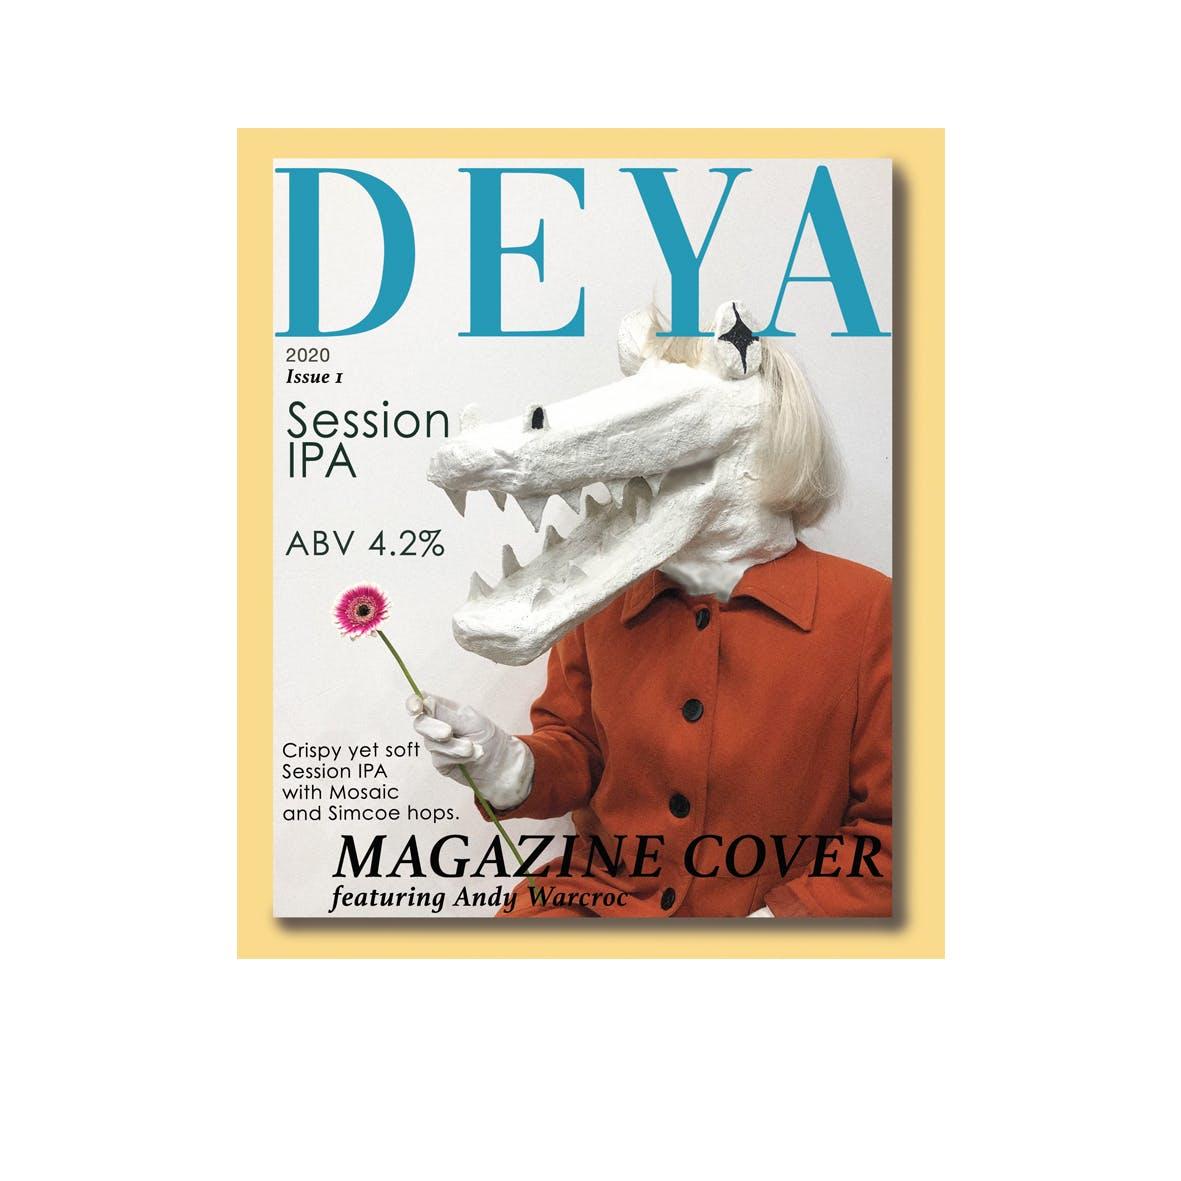 DEYA Magazine Cover